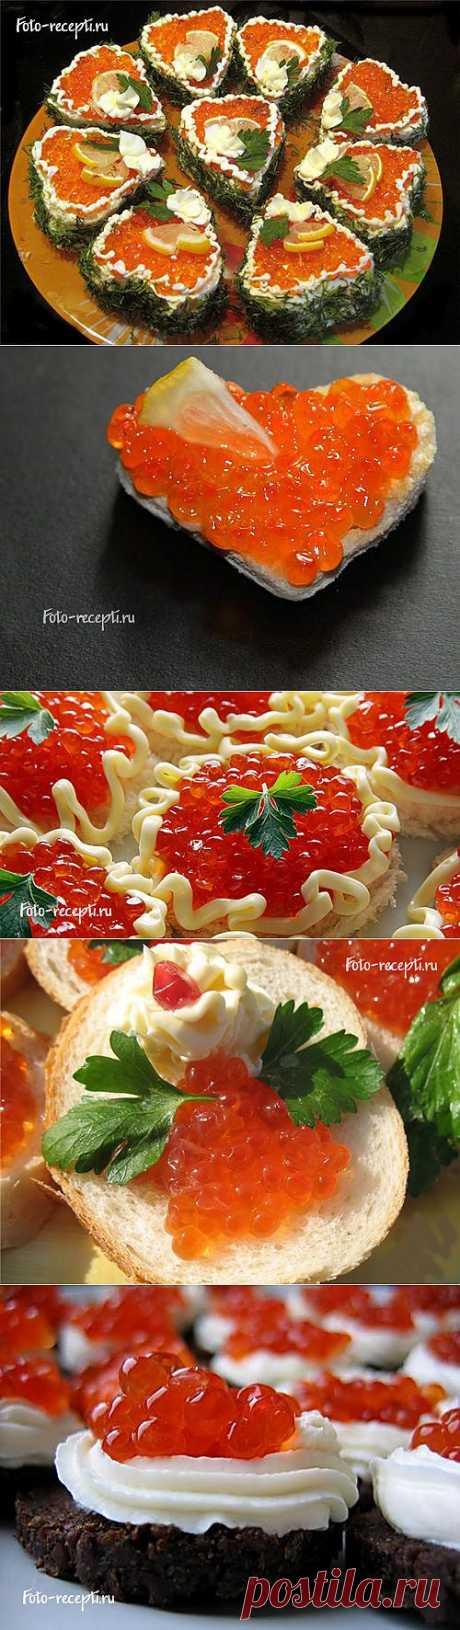 Бутерброды с красной икрой - Рецепты с фото пошагового приготовления на Фото-Рецепты. ру